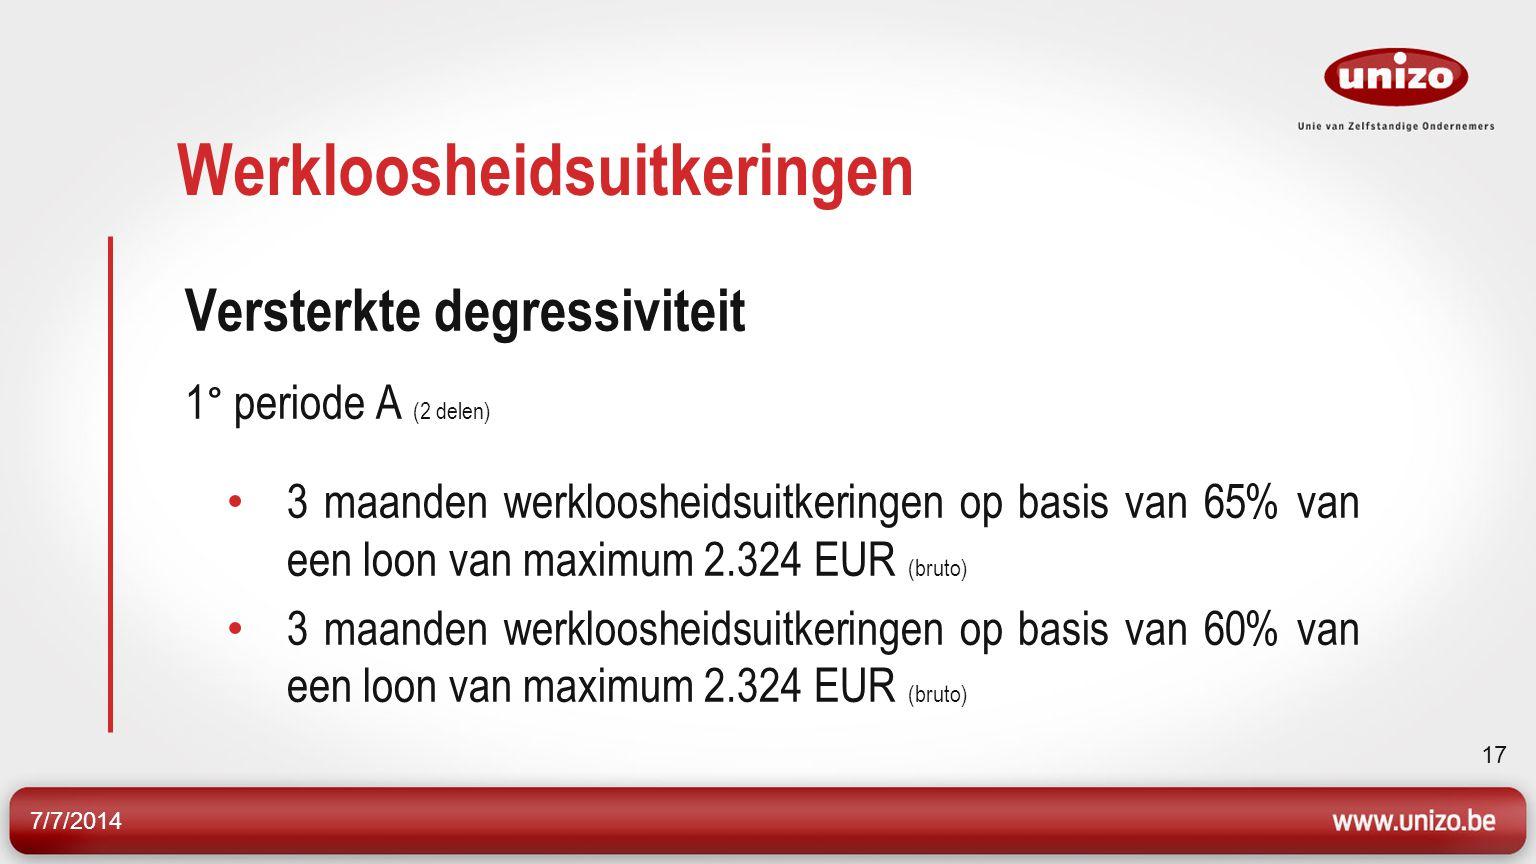 7/7/2014 18 Werkloosheidsuitkeringen Versterkte degressiviteit (vervolg) 1° periode B 6 maanden werkloosheidsuitkeringen op basis van 60% van een loon van maximum 2.166 EUR (bruto)